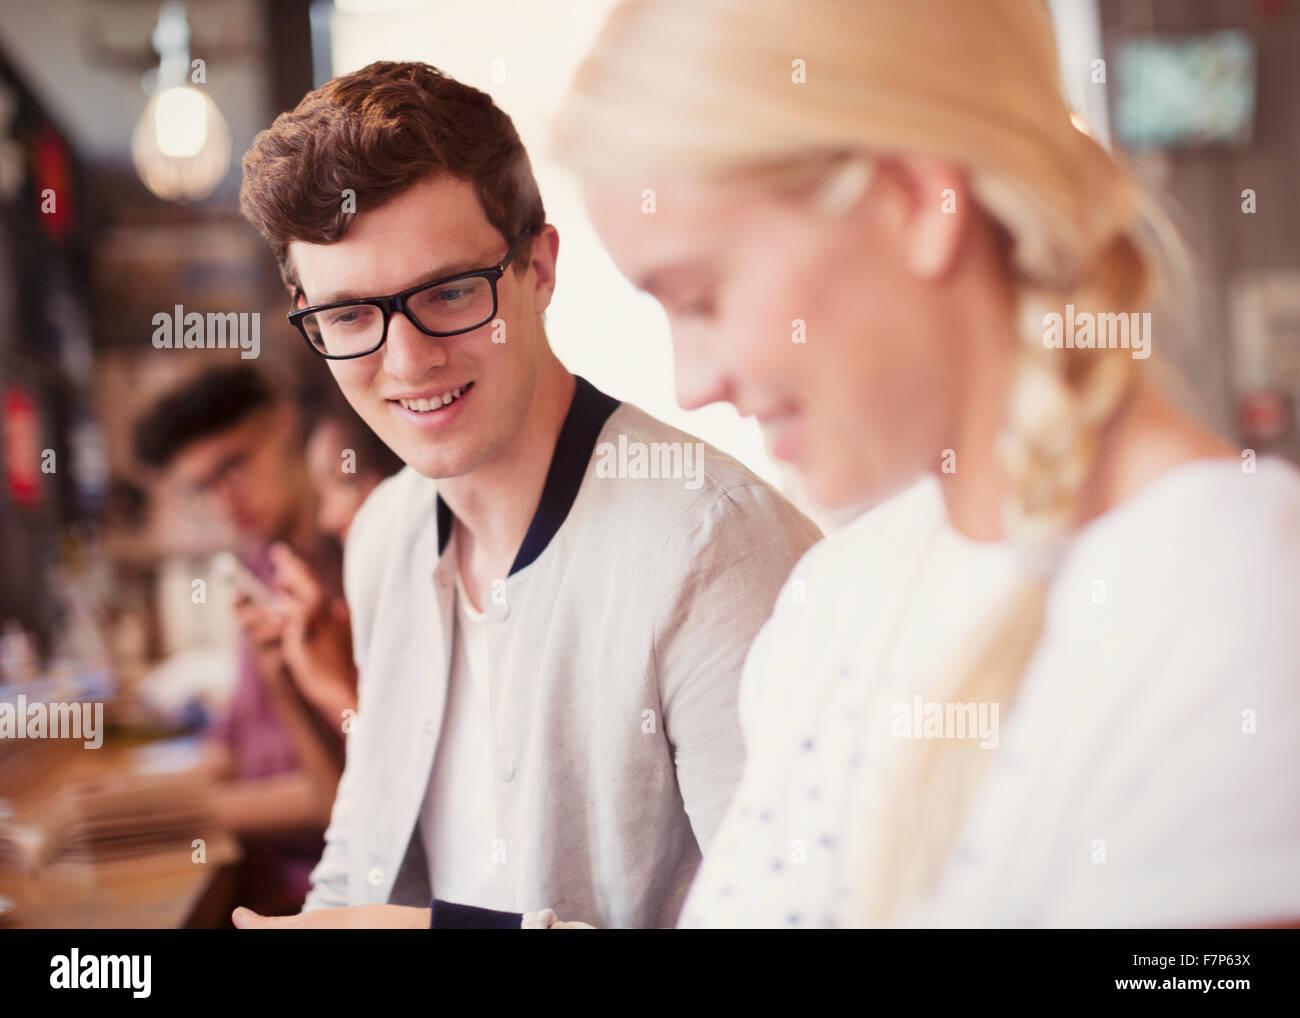 Freunde auf der Suche nach unten im café Stockfoto